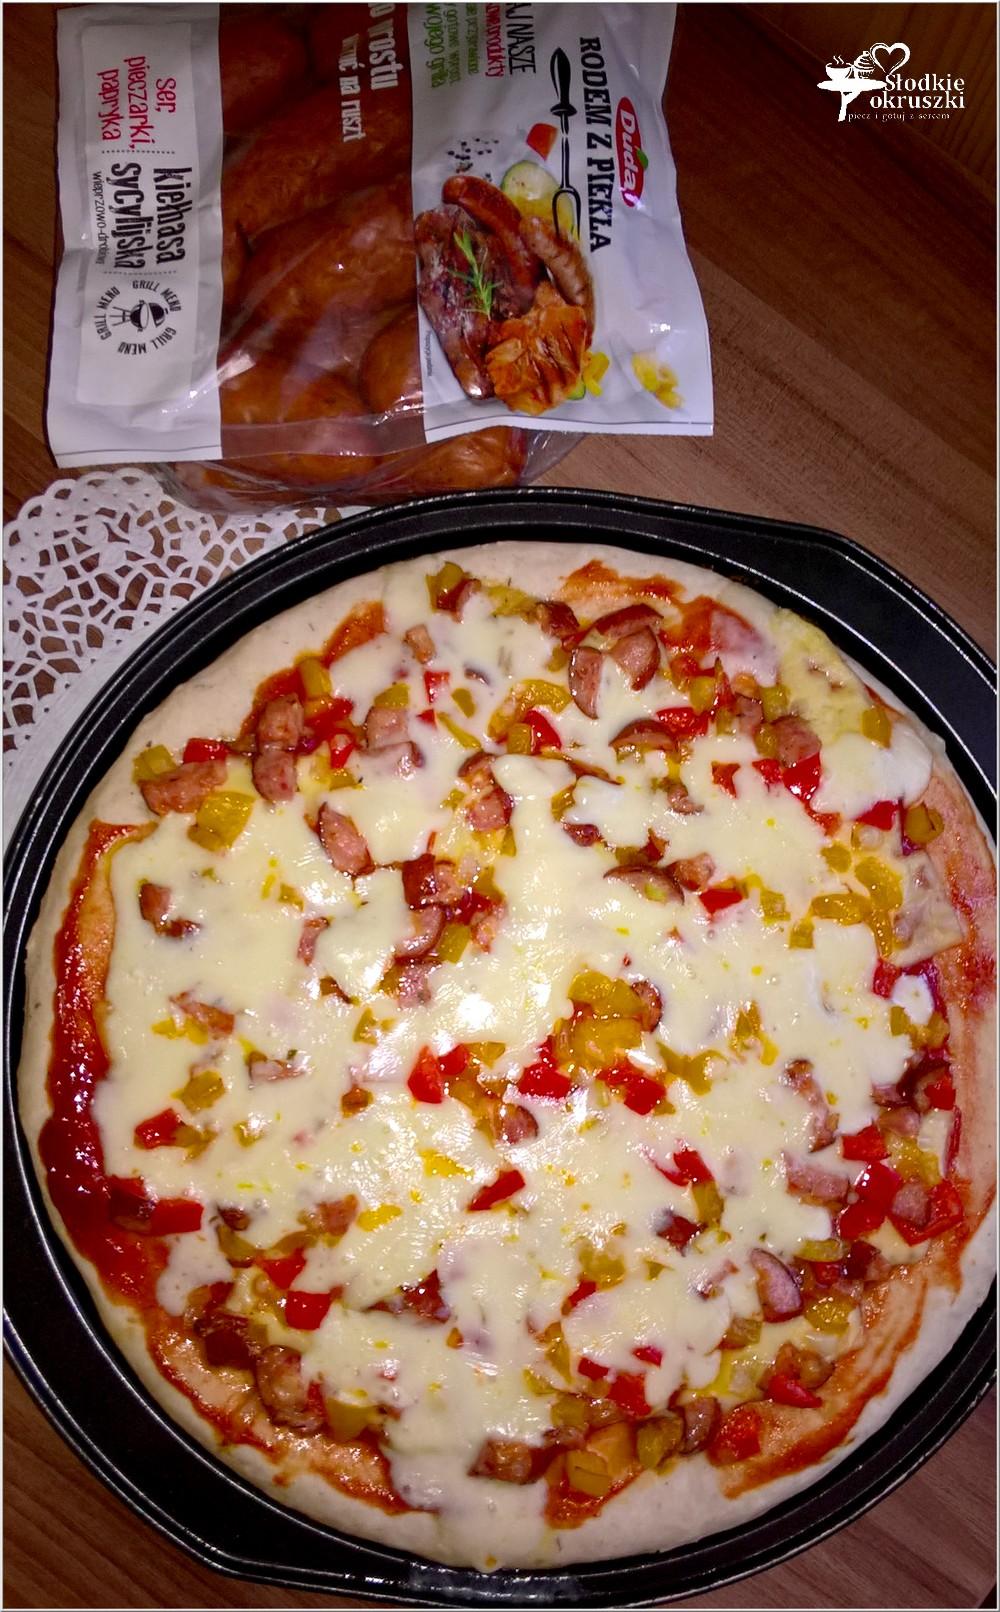 Pizza dwa sery z kiełbasą sycylijską (4)